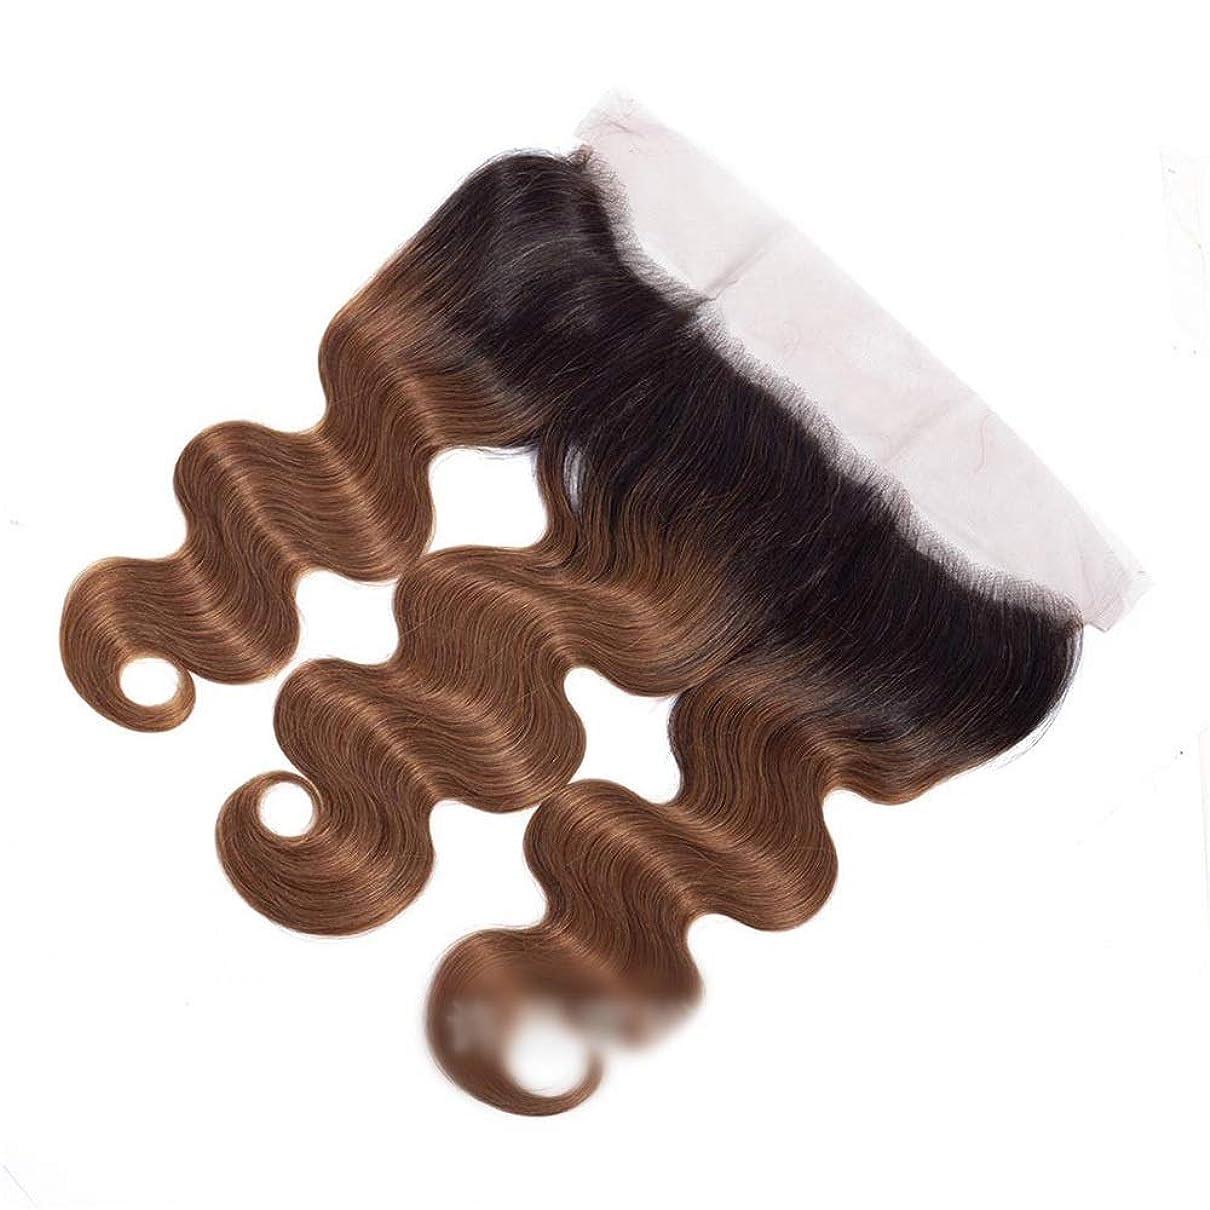 肉のなかなか出身地YAHONGOE ブラジル実体波13 * 4レース閉鎖無料部分100%未処理人間の髪織り1B / 30 2トーンカラーロングカーリーウィッグ (色 : ブラウン, サイズ : 8 inch)